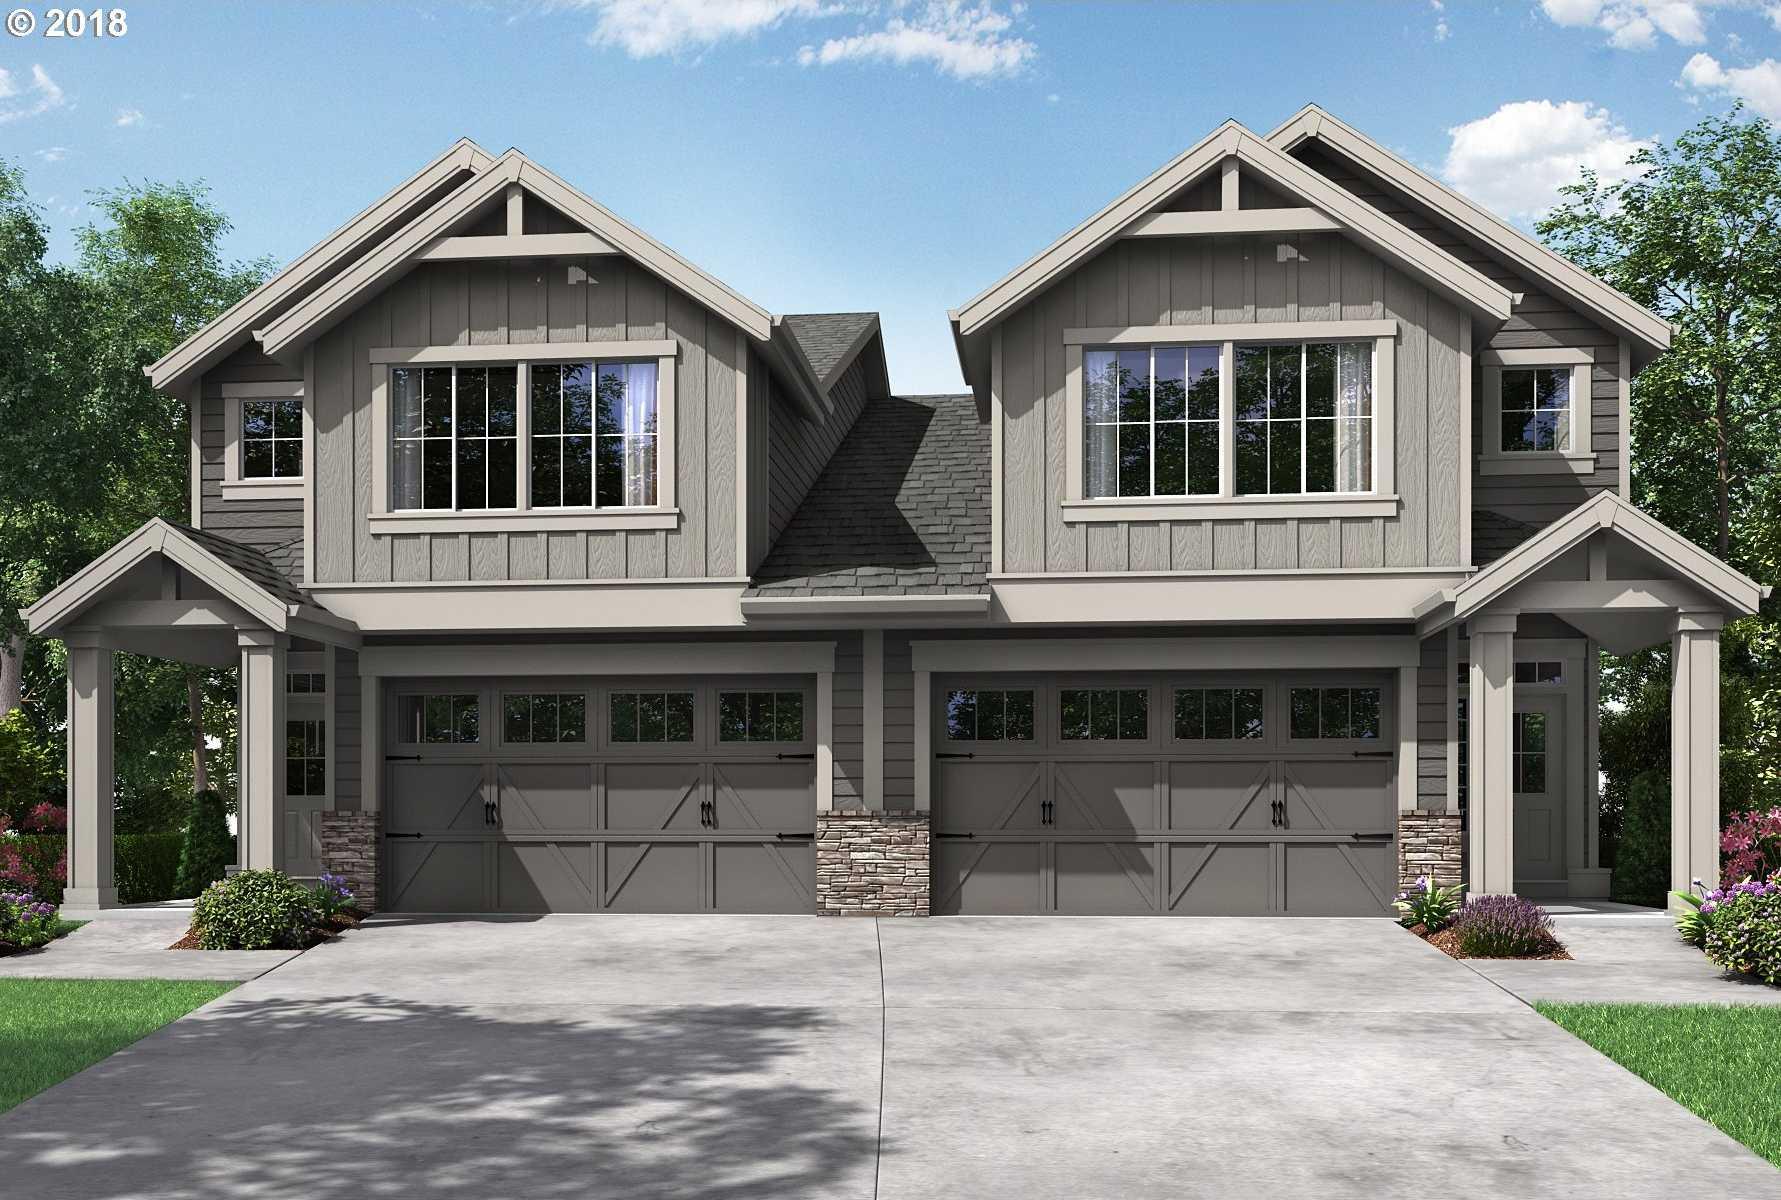 $425,990 - 3Br/3Ba -  for Sale in Rosedale Parks, Hillsboro